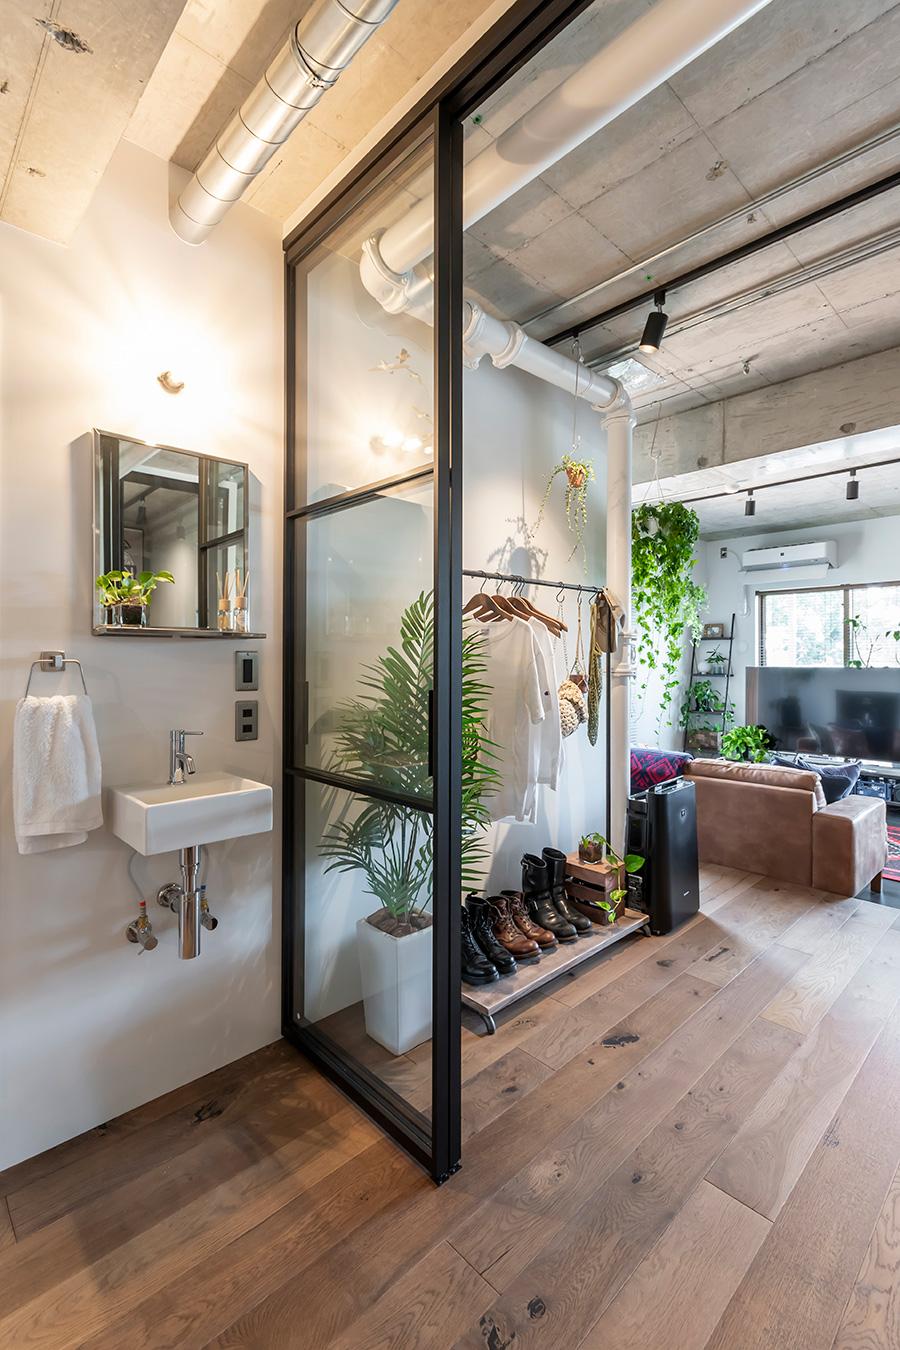 帰宅後すぐに手を洗える便利な洗面台。